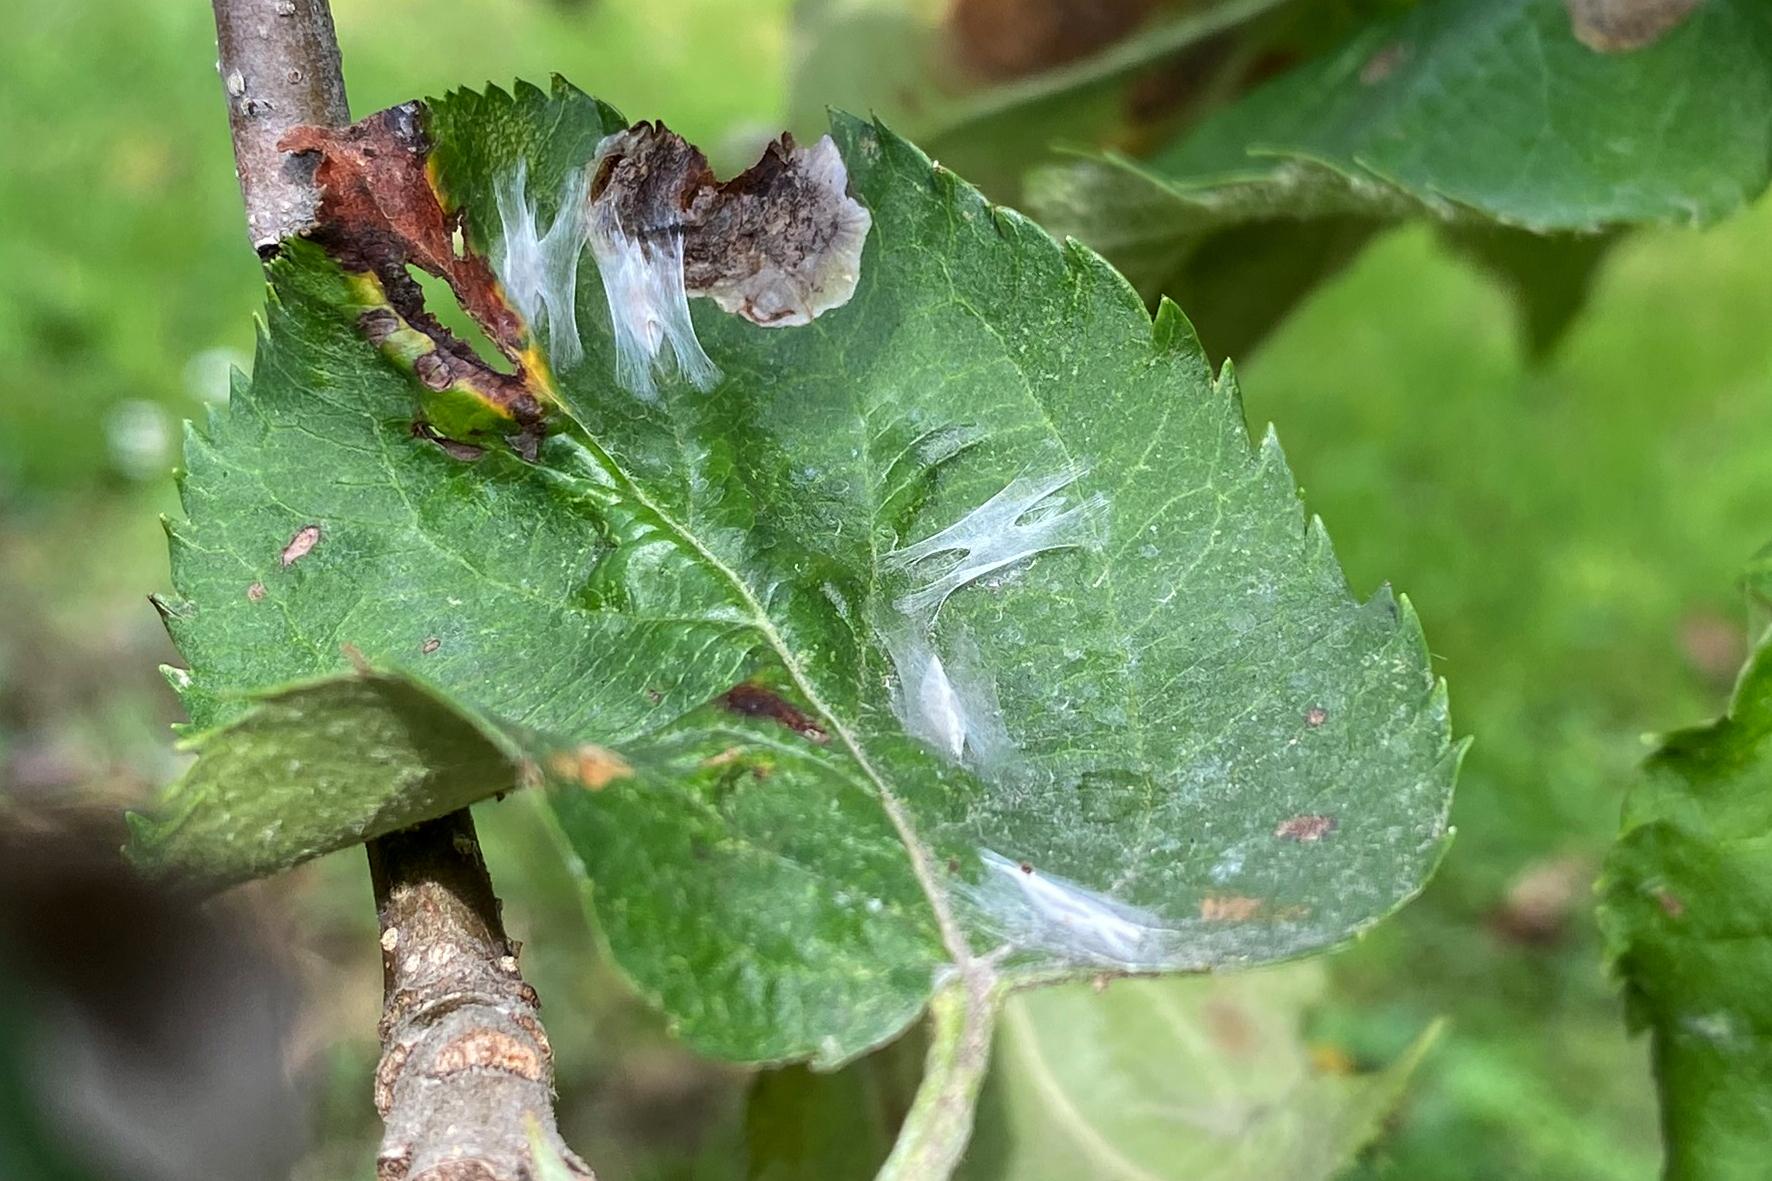 Die Larven der Fleckenminiermotte verpuppen sich auf dem Blatt, wo sie aus Gespinst eine kleine «Hängematte» bauen.